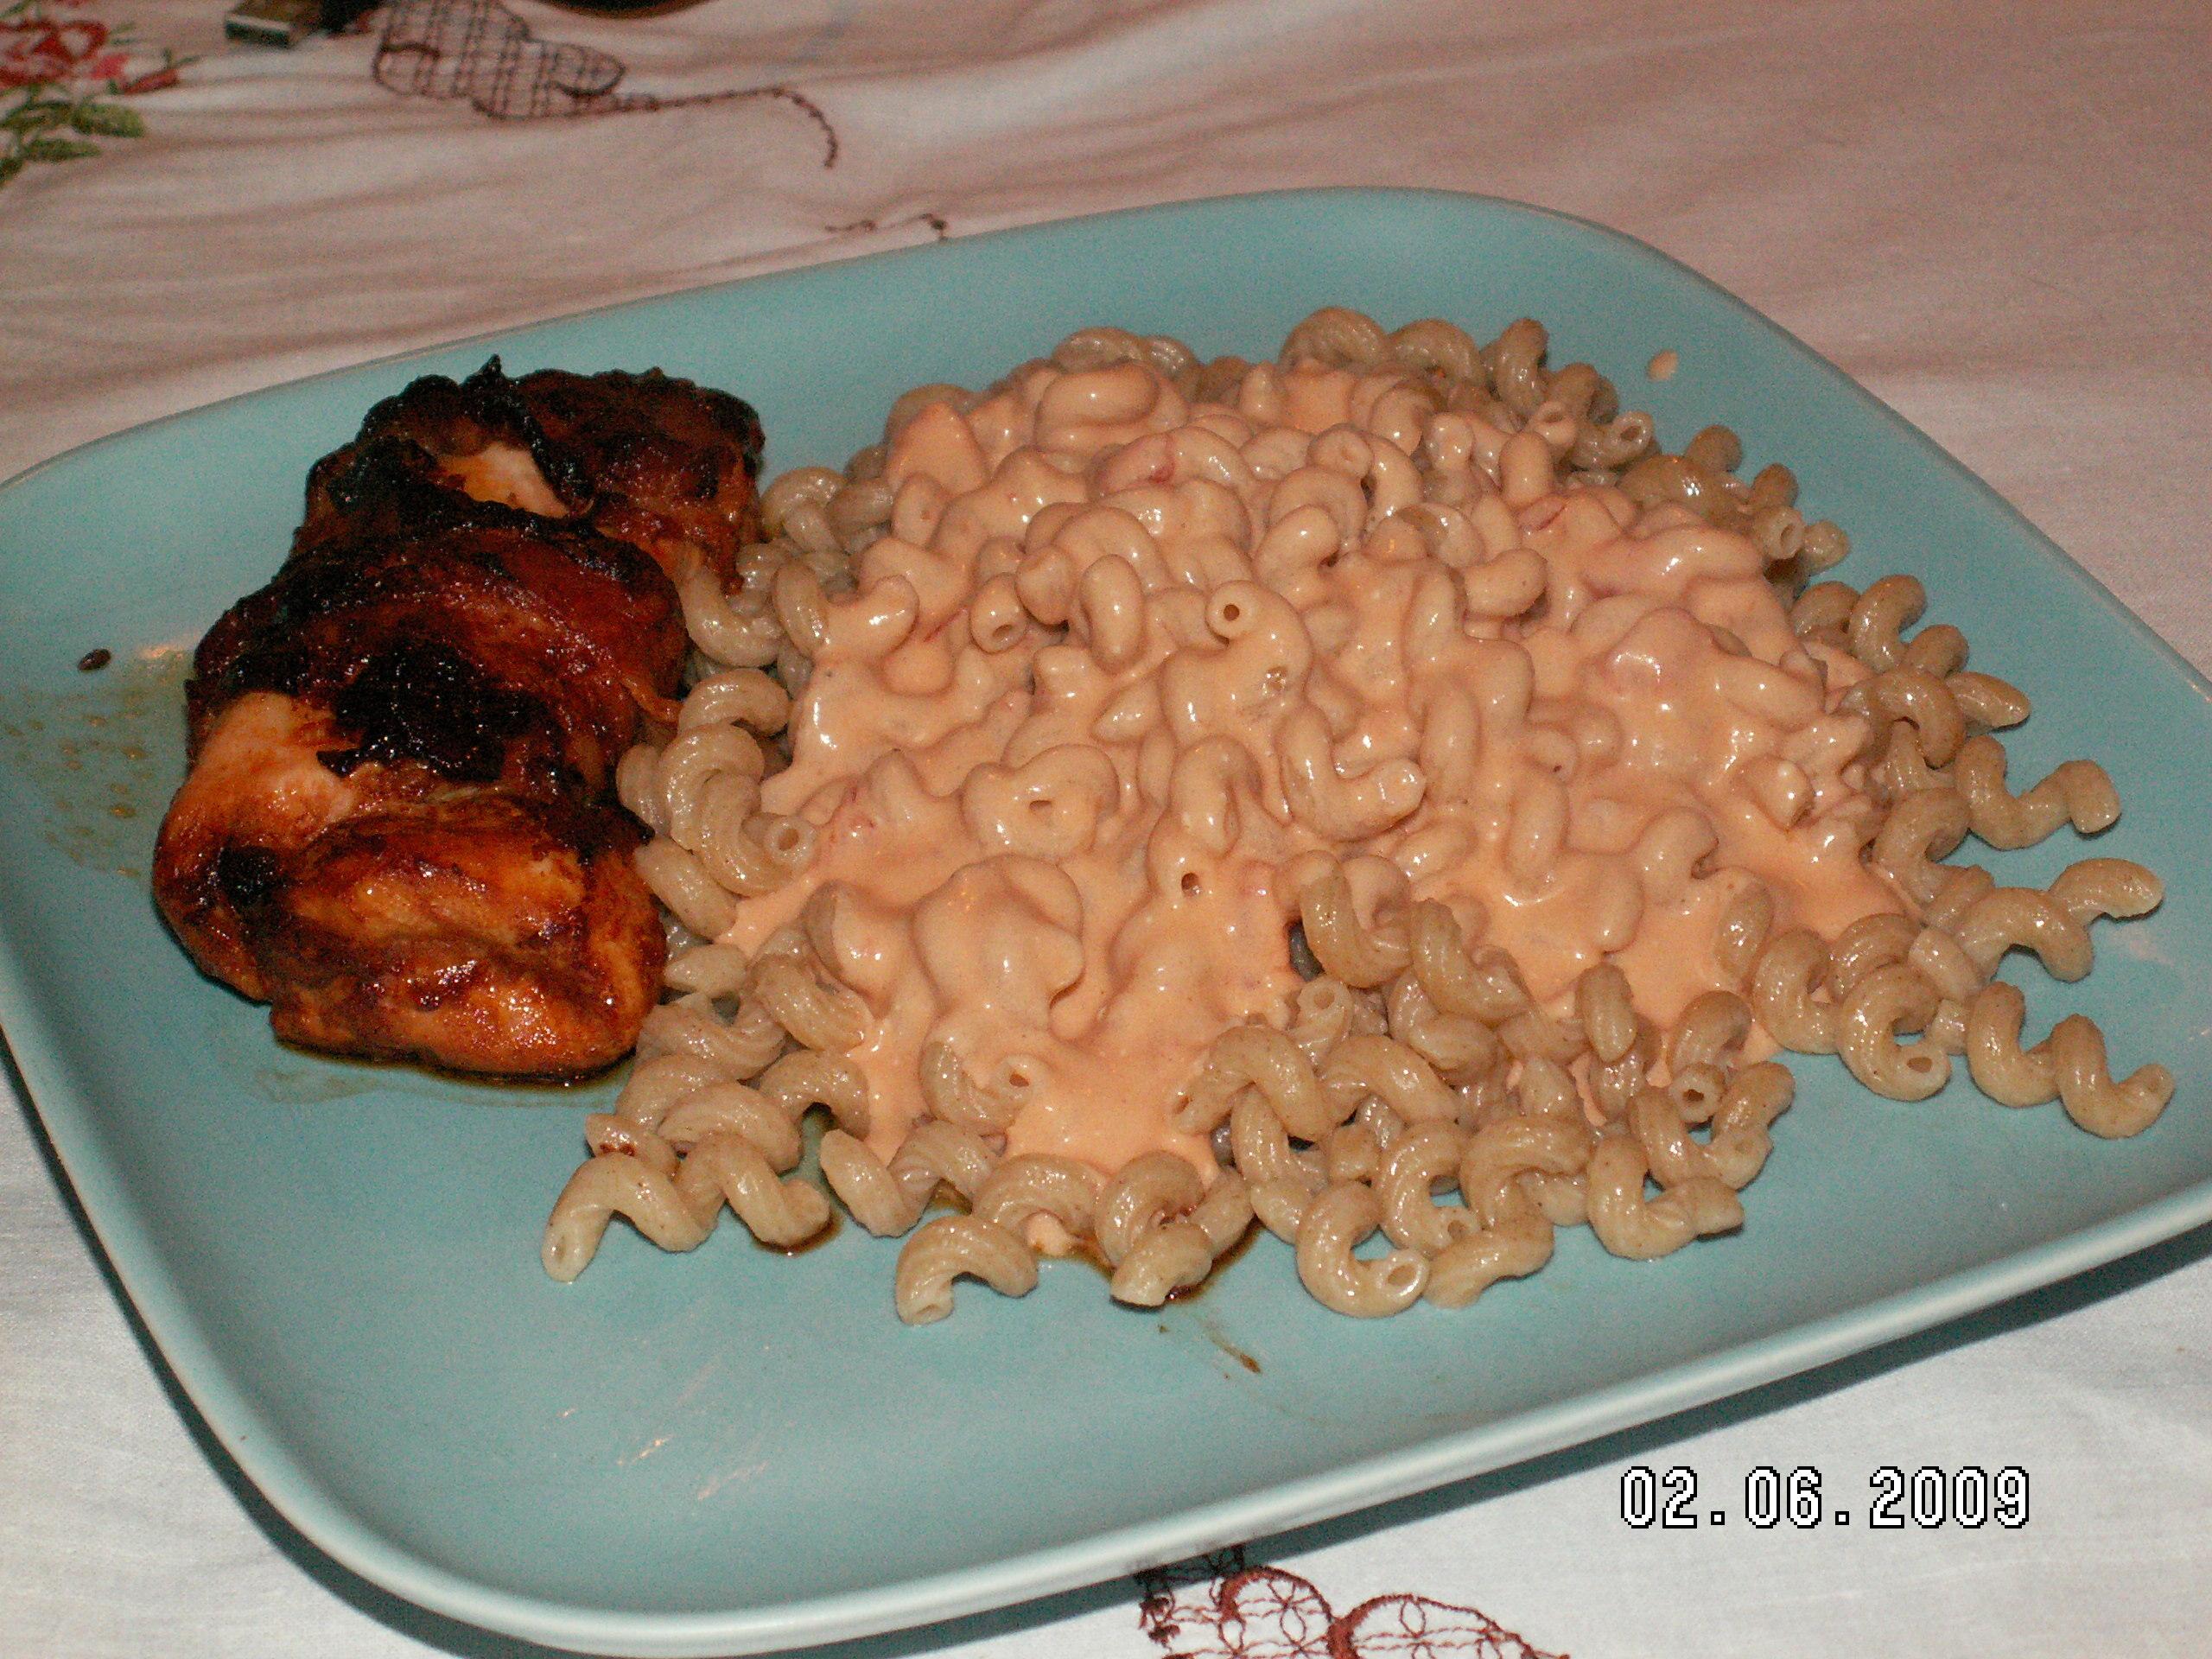 baconlindad kycklingfilé med pasta